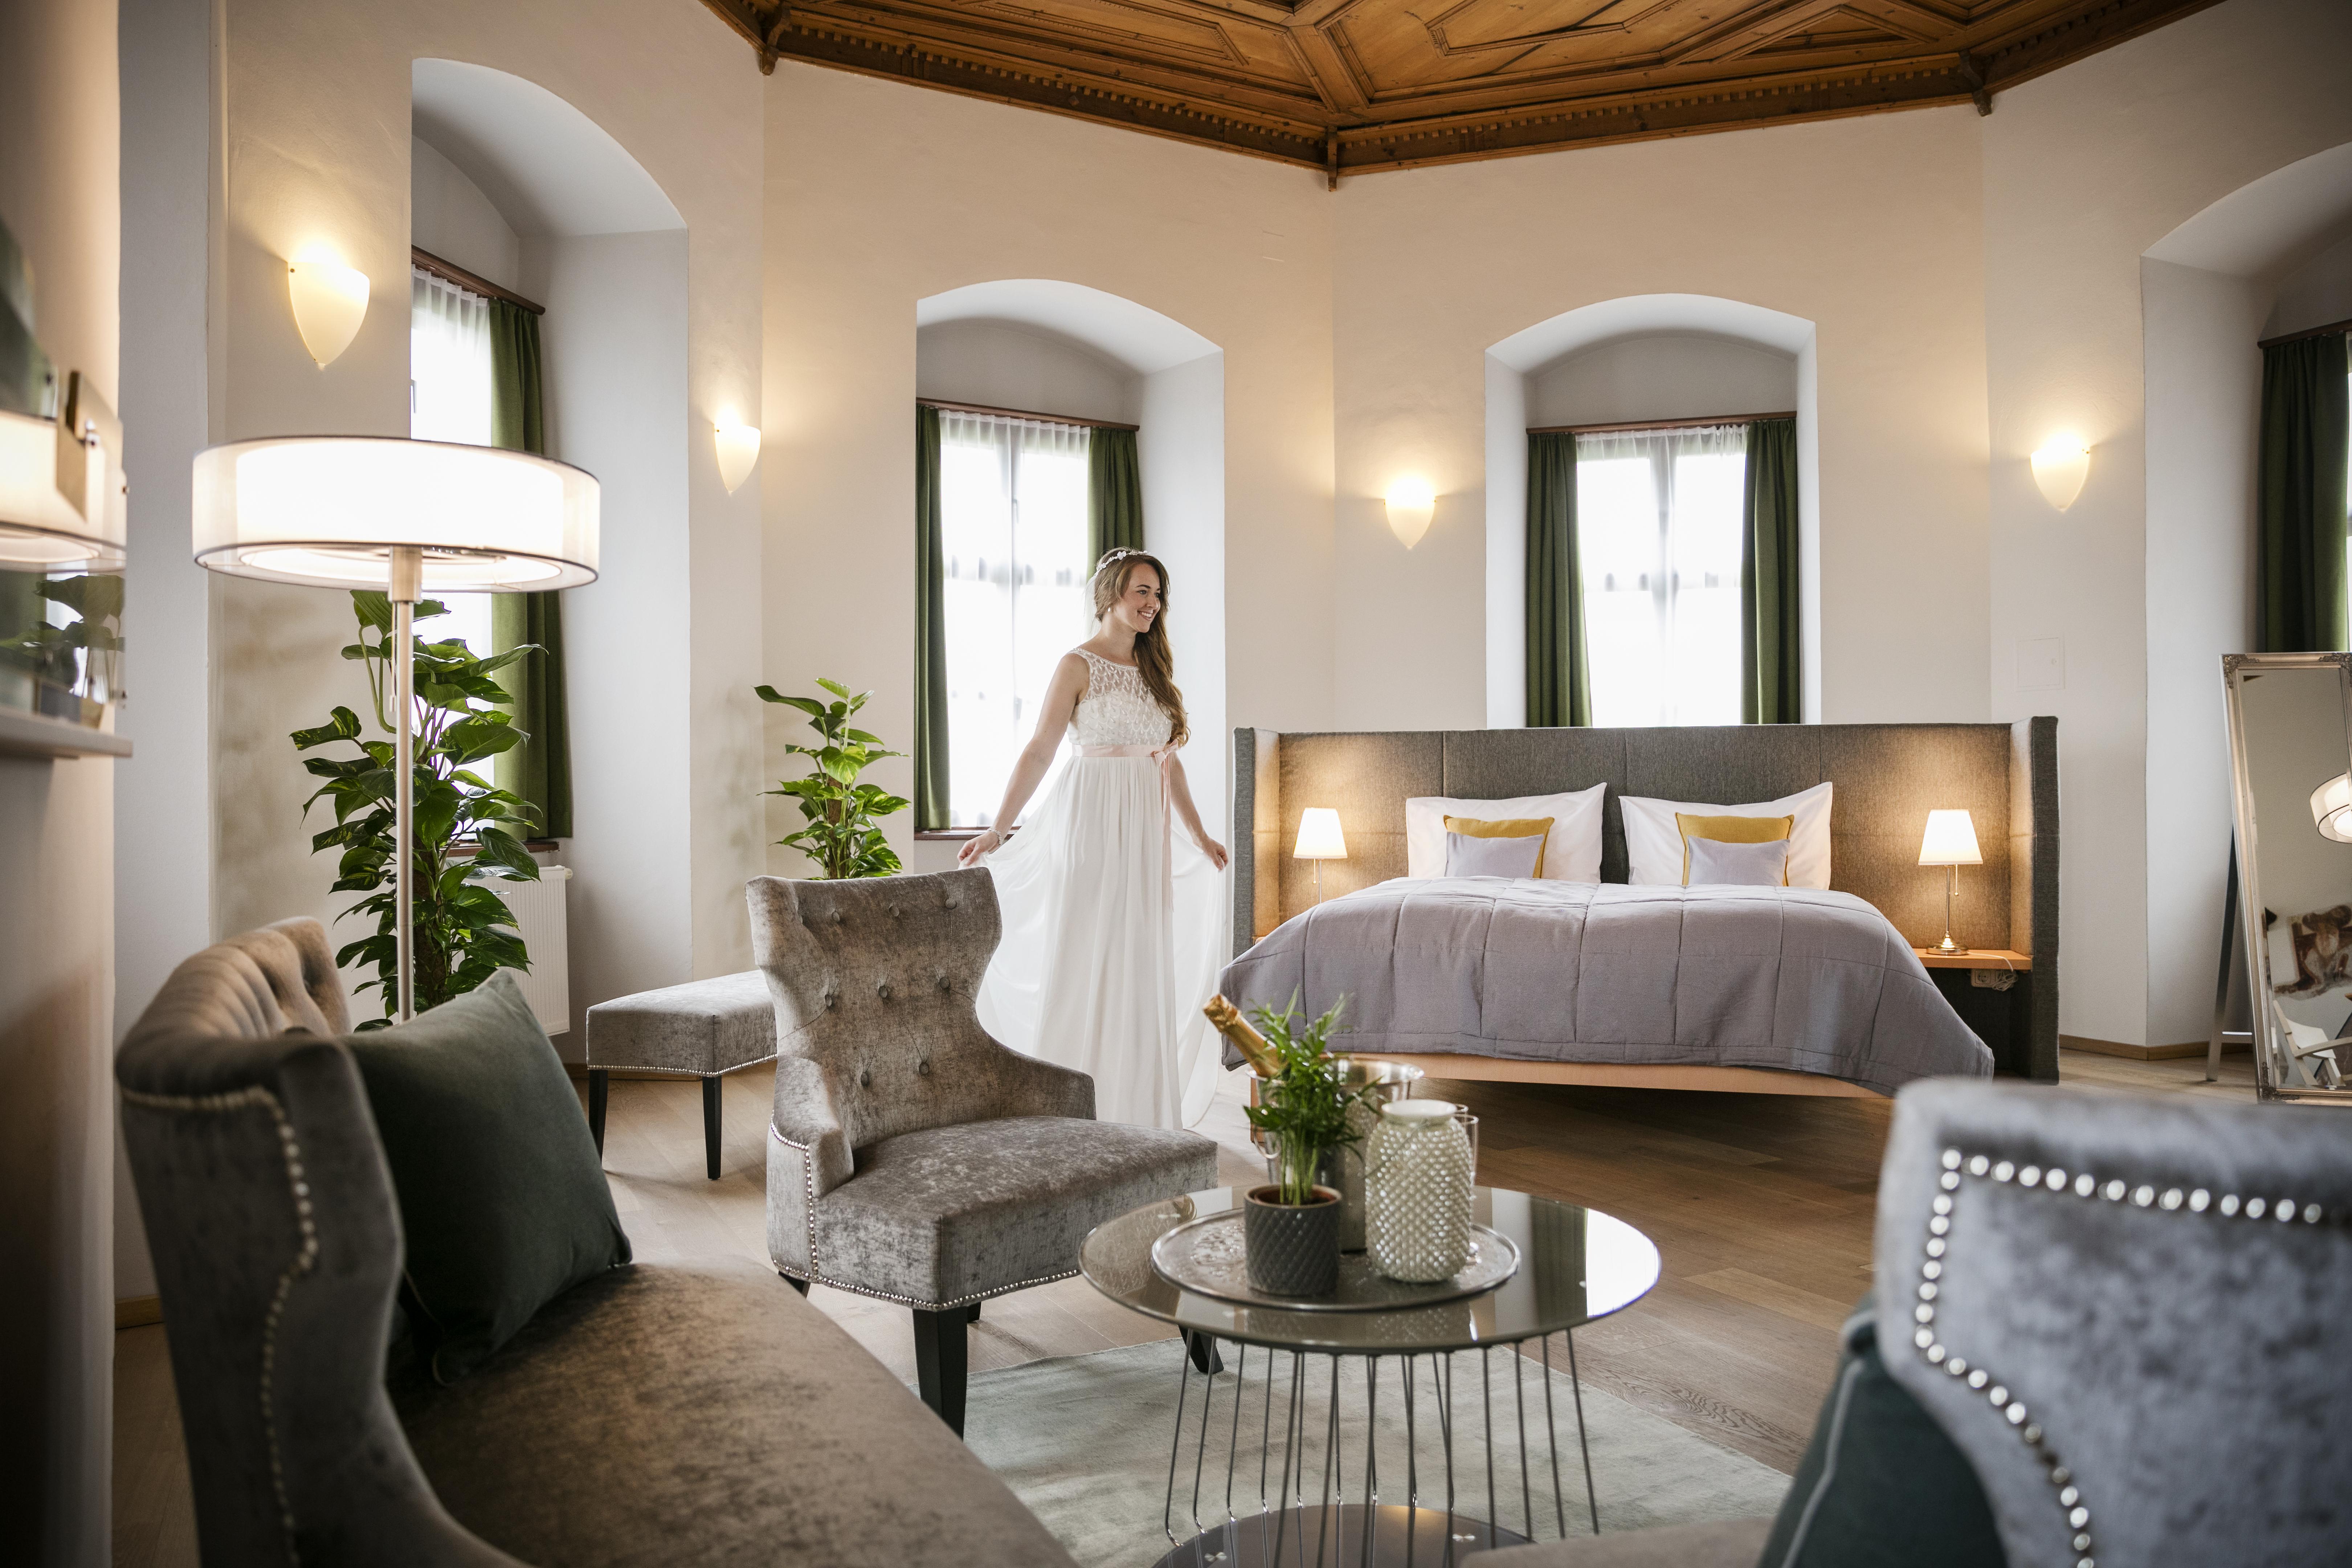 Sie sehen eine Braut im Hochzeitszimmer des JUFA Hotel Schloss Röthelstein/Admont***. Der Ort für märchenhafte Hochzeiten und erfolgreiche und kreative Seminare.